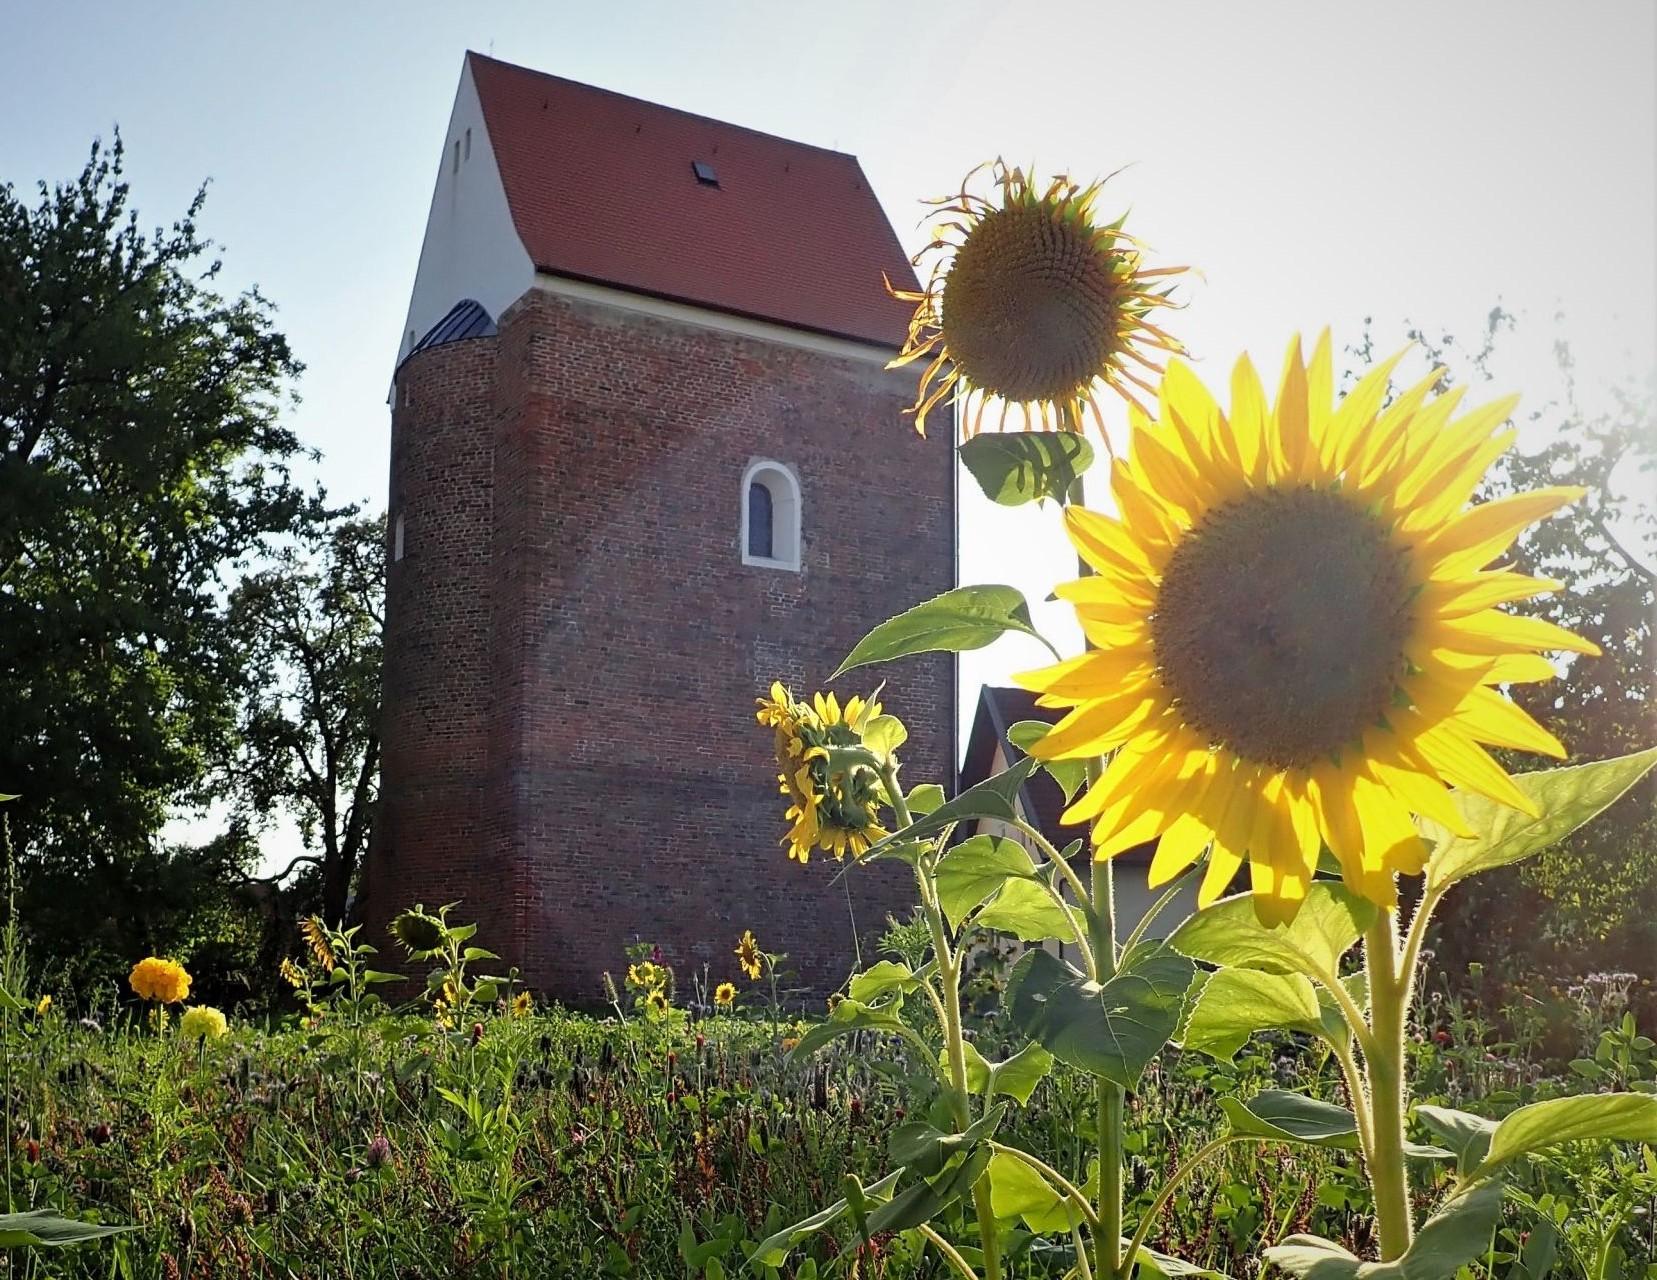 Kirche UnsererLieben Frau Gasseltshausen